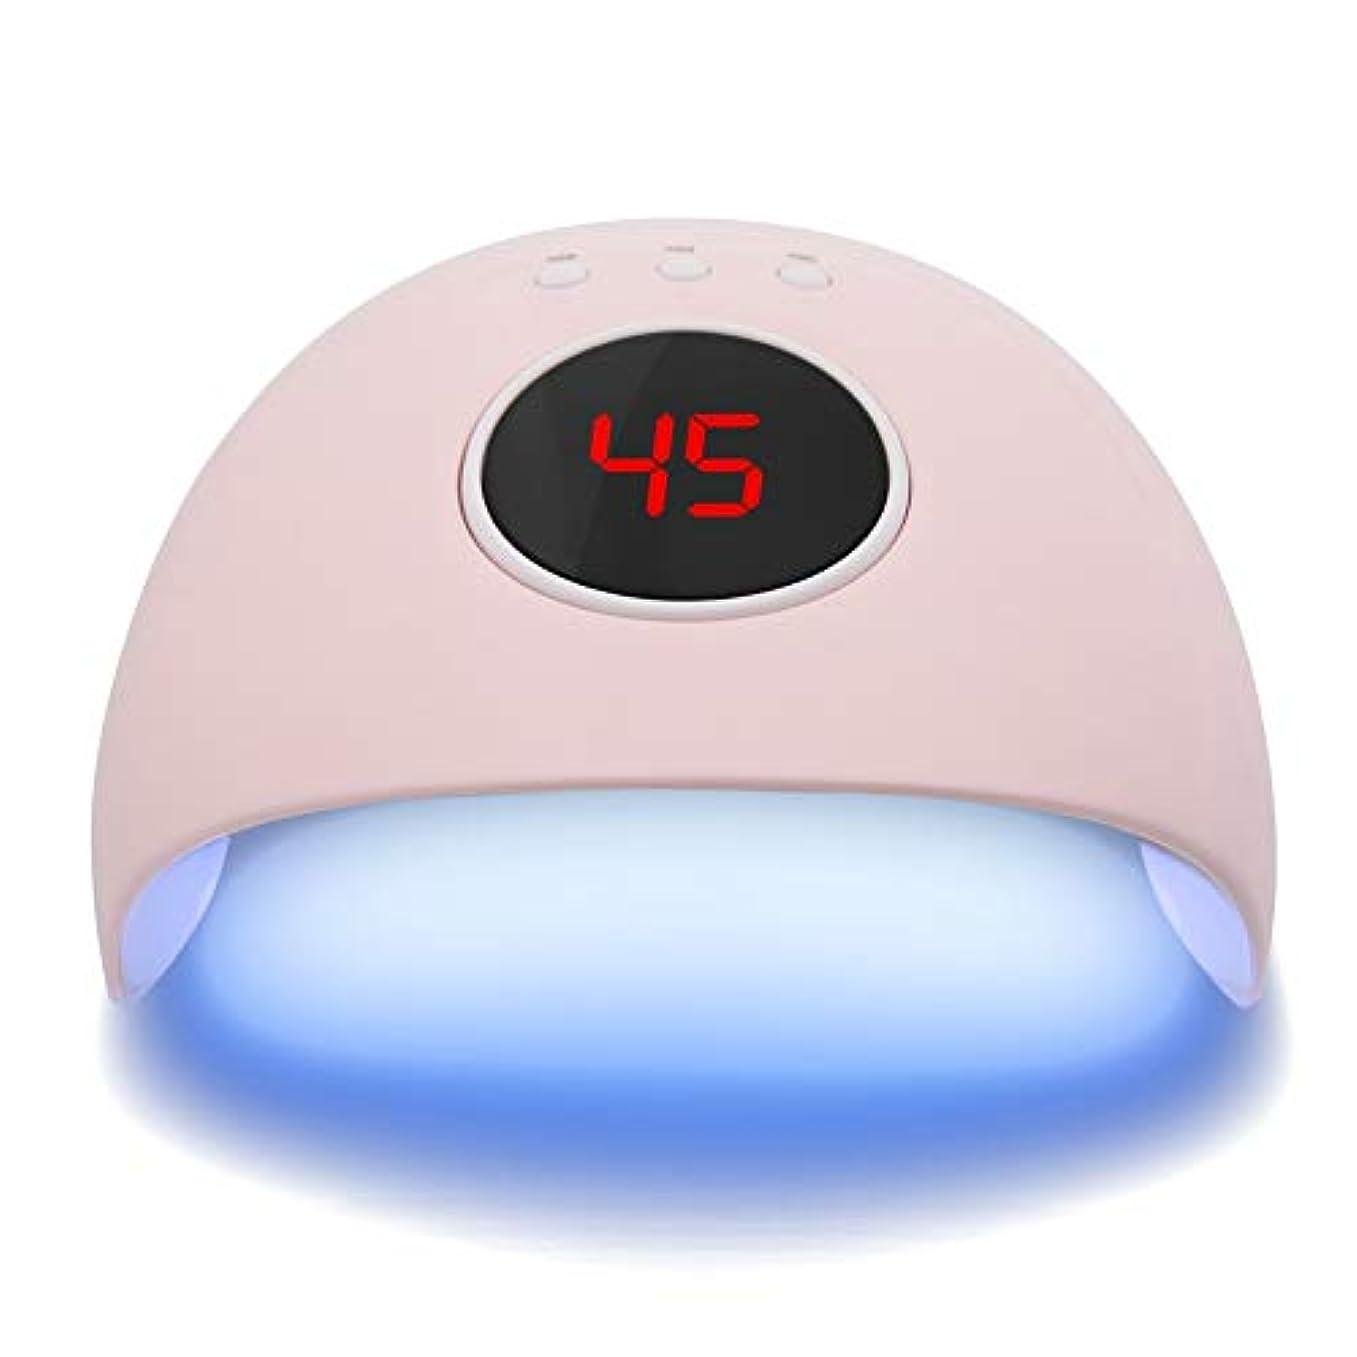 トンネル大胆不敵ヒロイック24W ネイルドライヤー 液晶ディスプレイ UVデュアル光源 ジェルポリッシュランプライト硬化マニキュア機